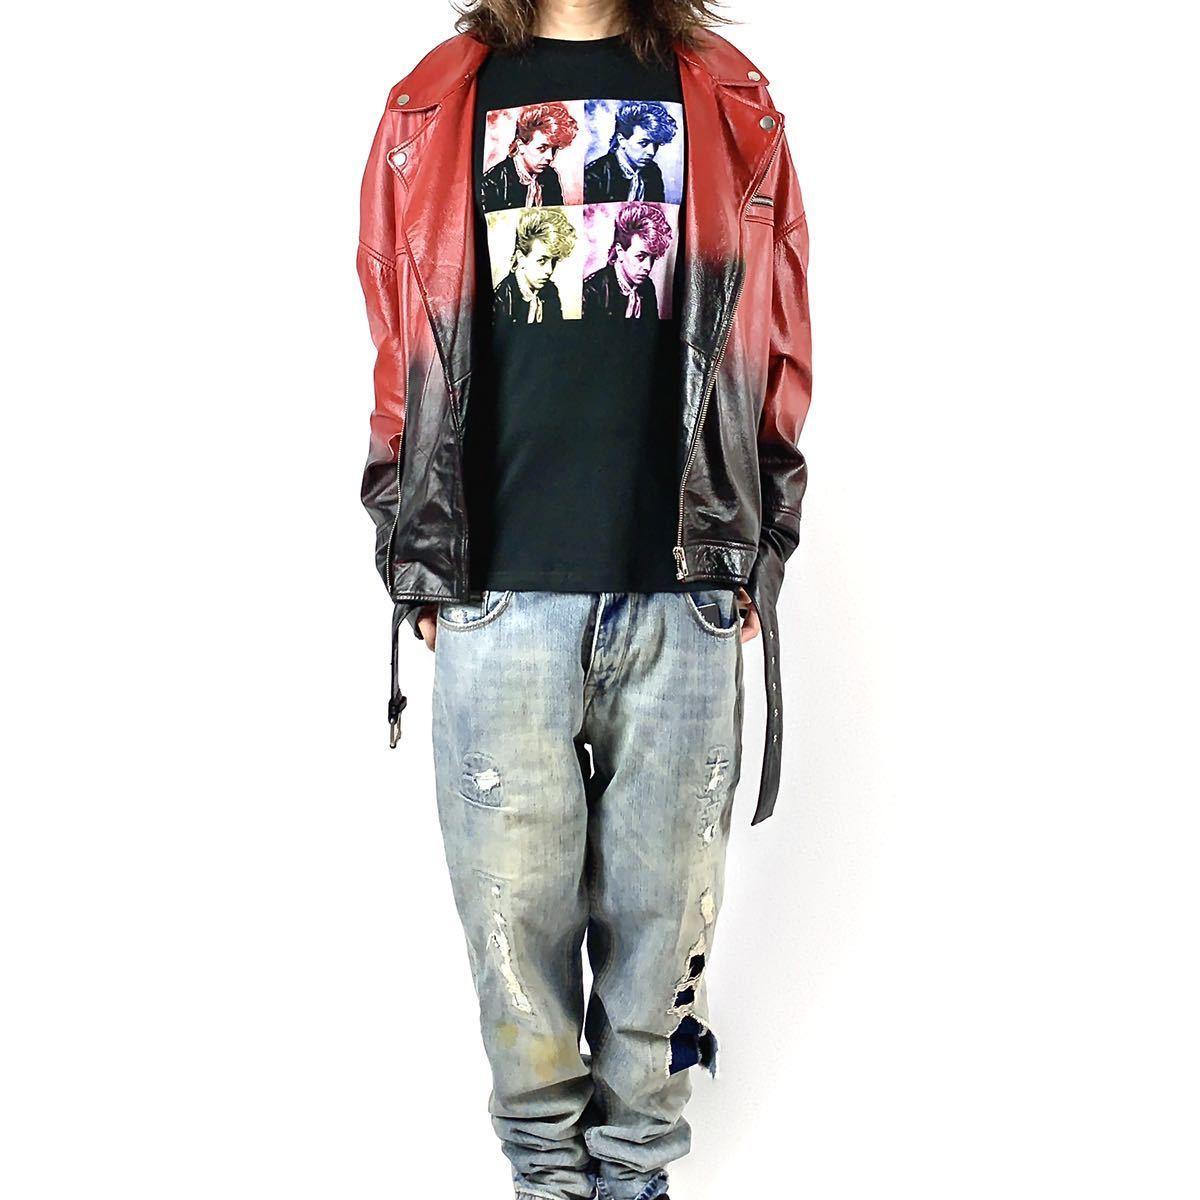 新品 ブライアンセッツァー カラフル ポップ アート ロカビリー バンド 黒 Tシャツ S M L XL ビッグ オーバー サイズ XXL~5XL ロンT 対応_画像5